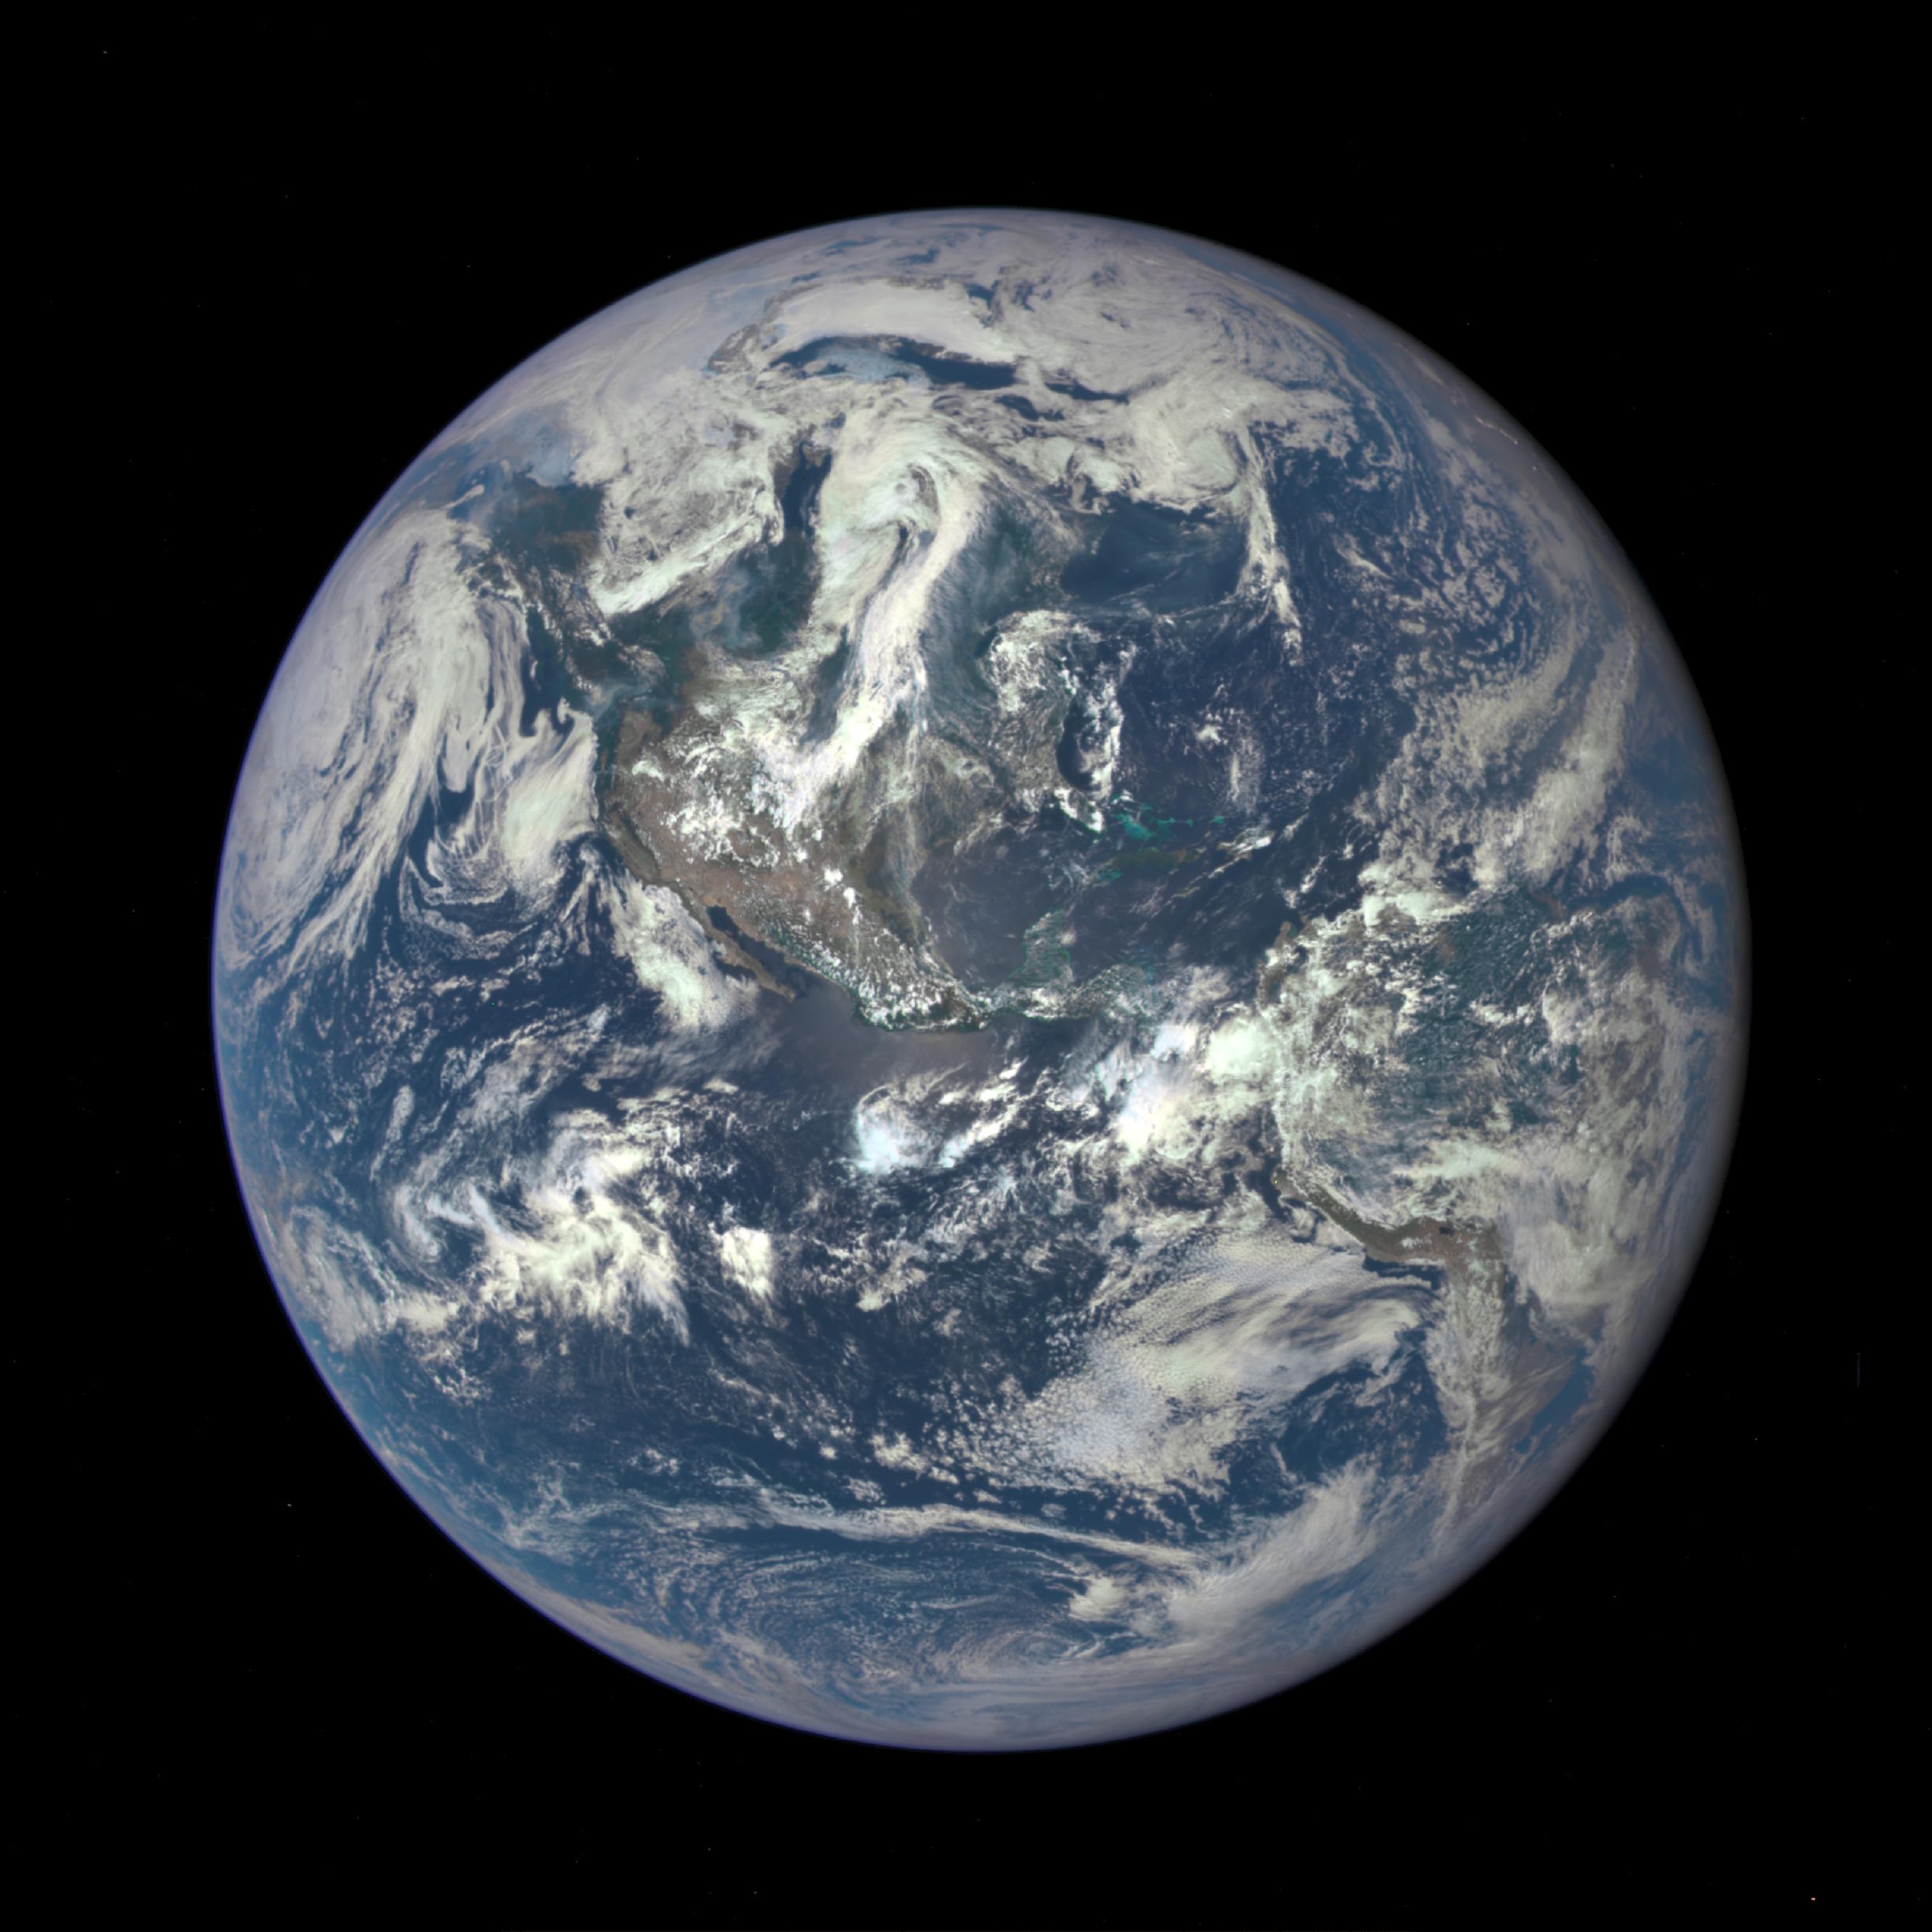 La Tierra, el pasado 6 de julio, vista por EPIC. Fuente: NASA.